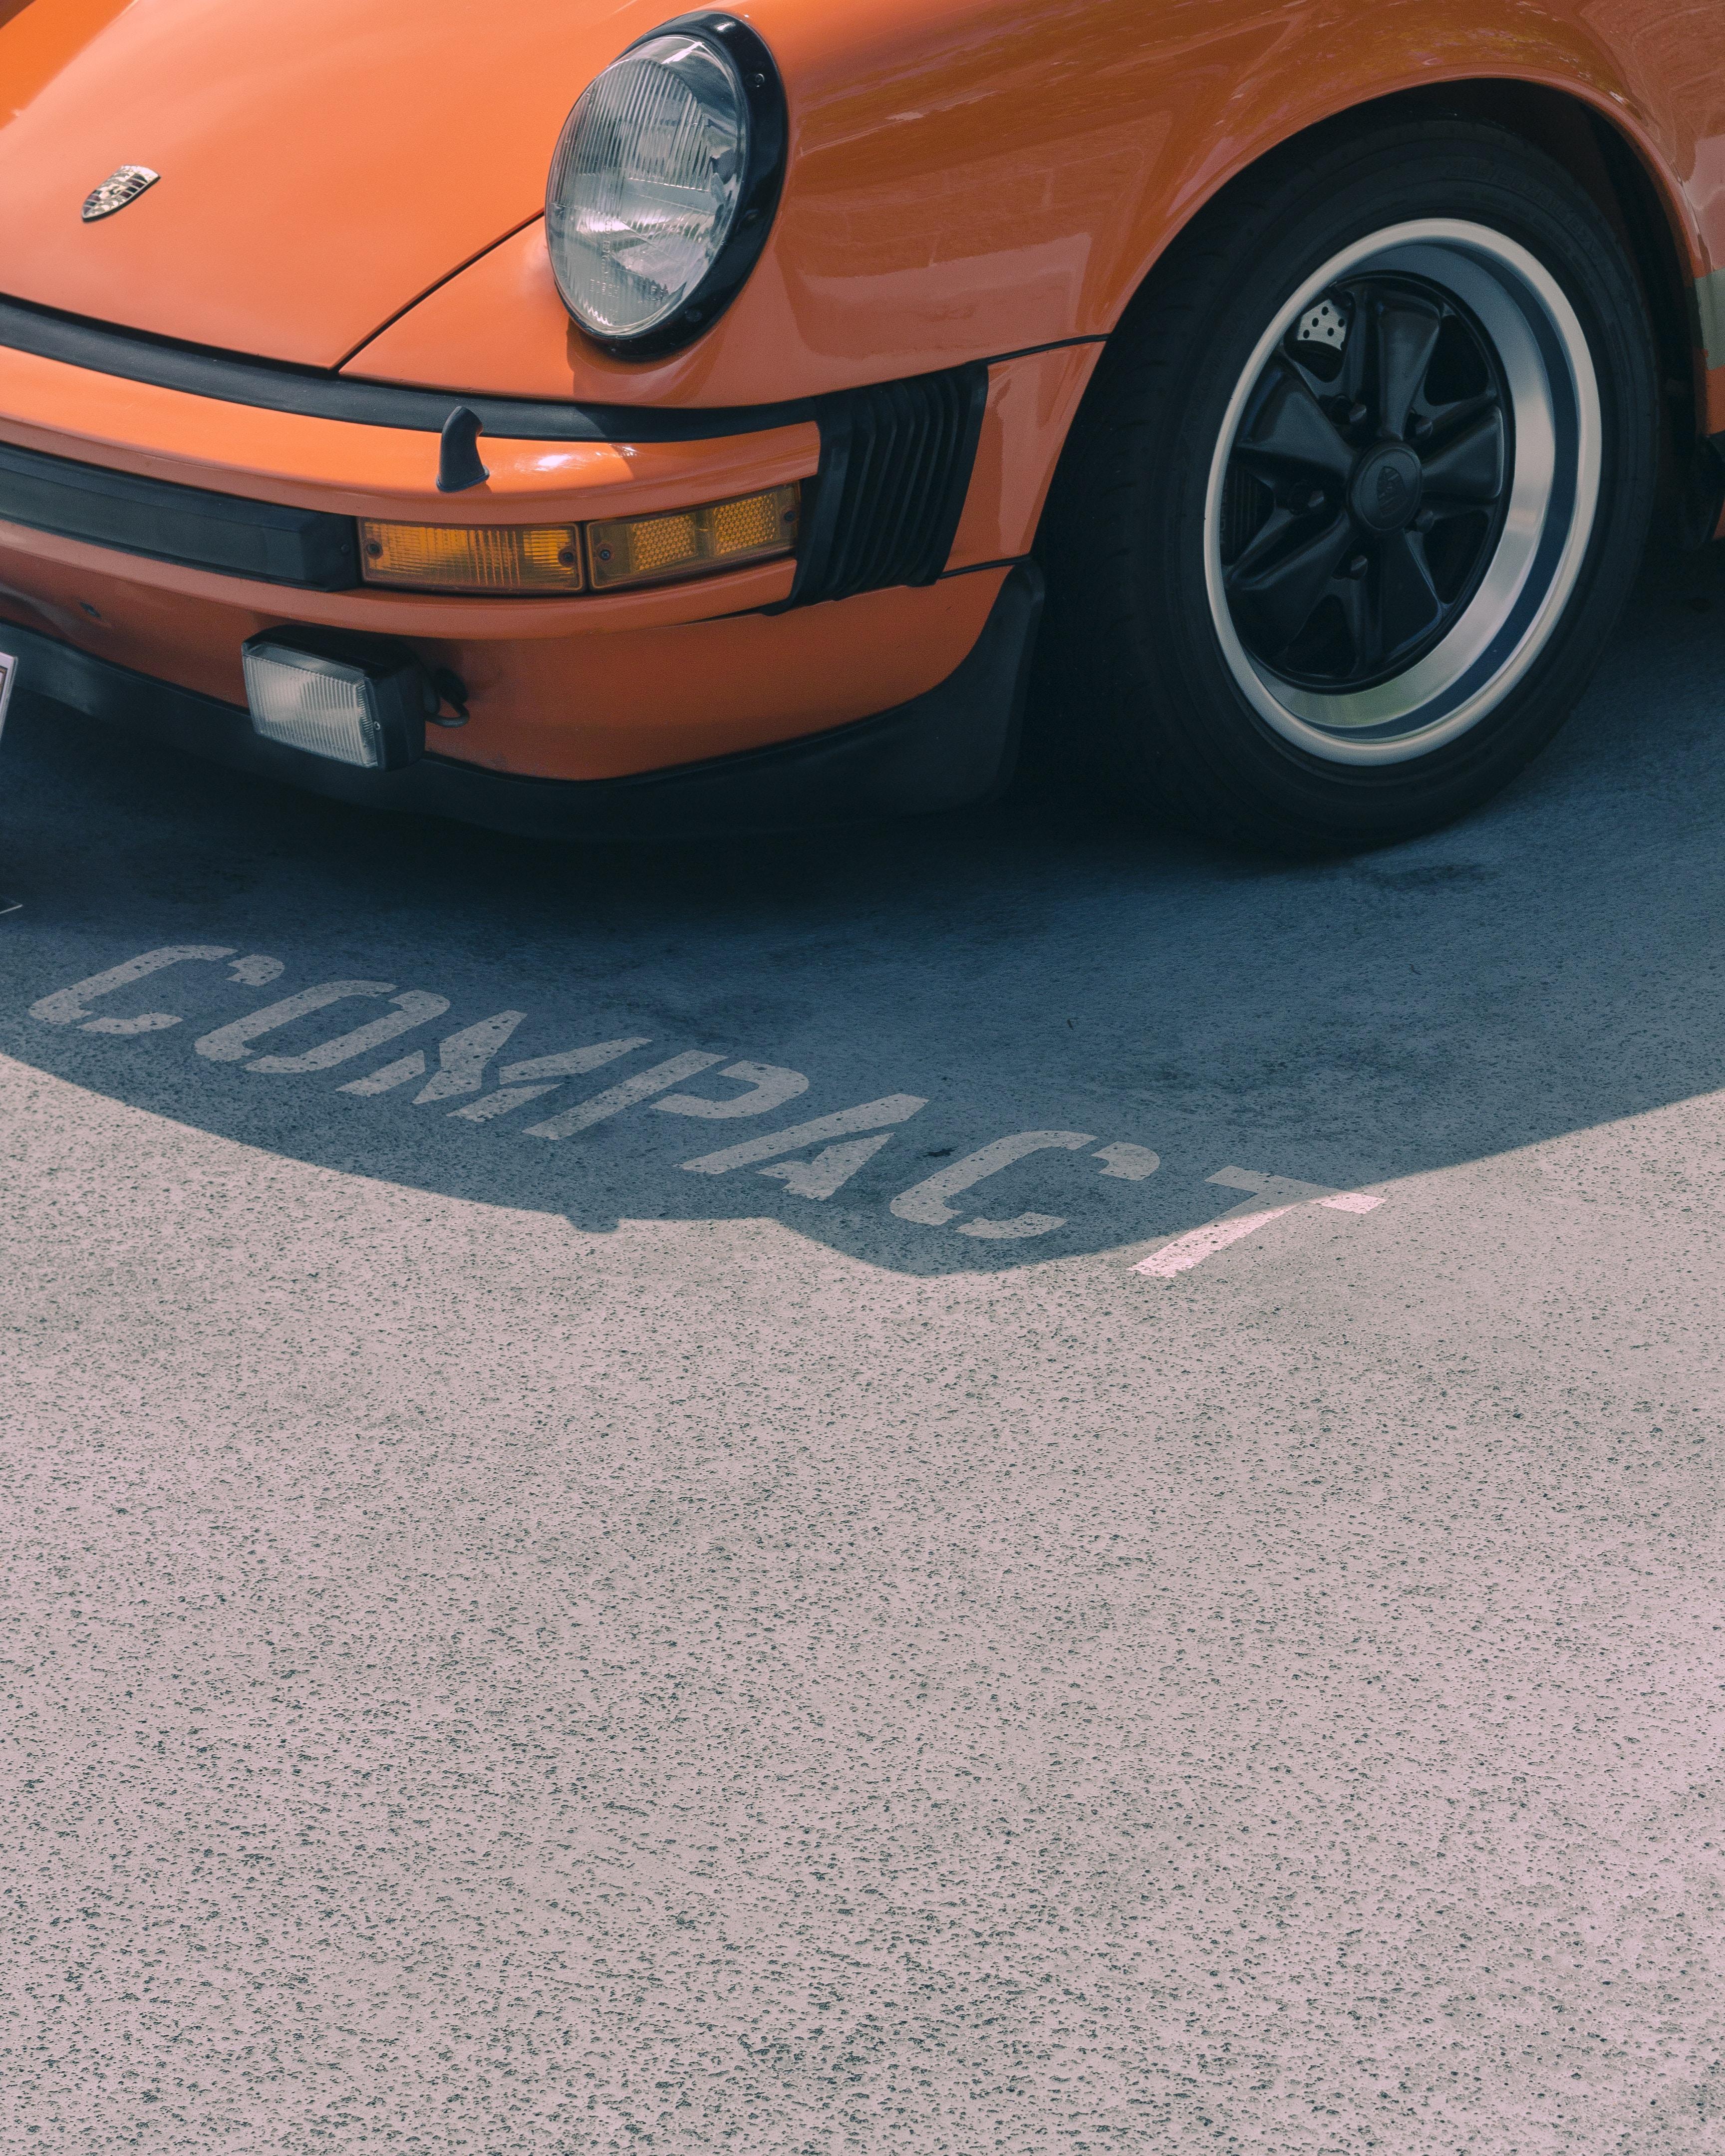 orange Porsche vehicle on Compact parking lot